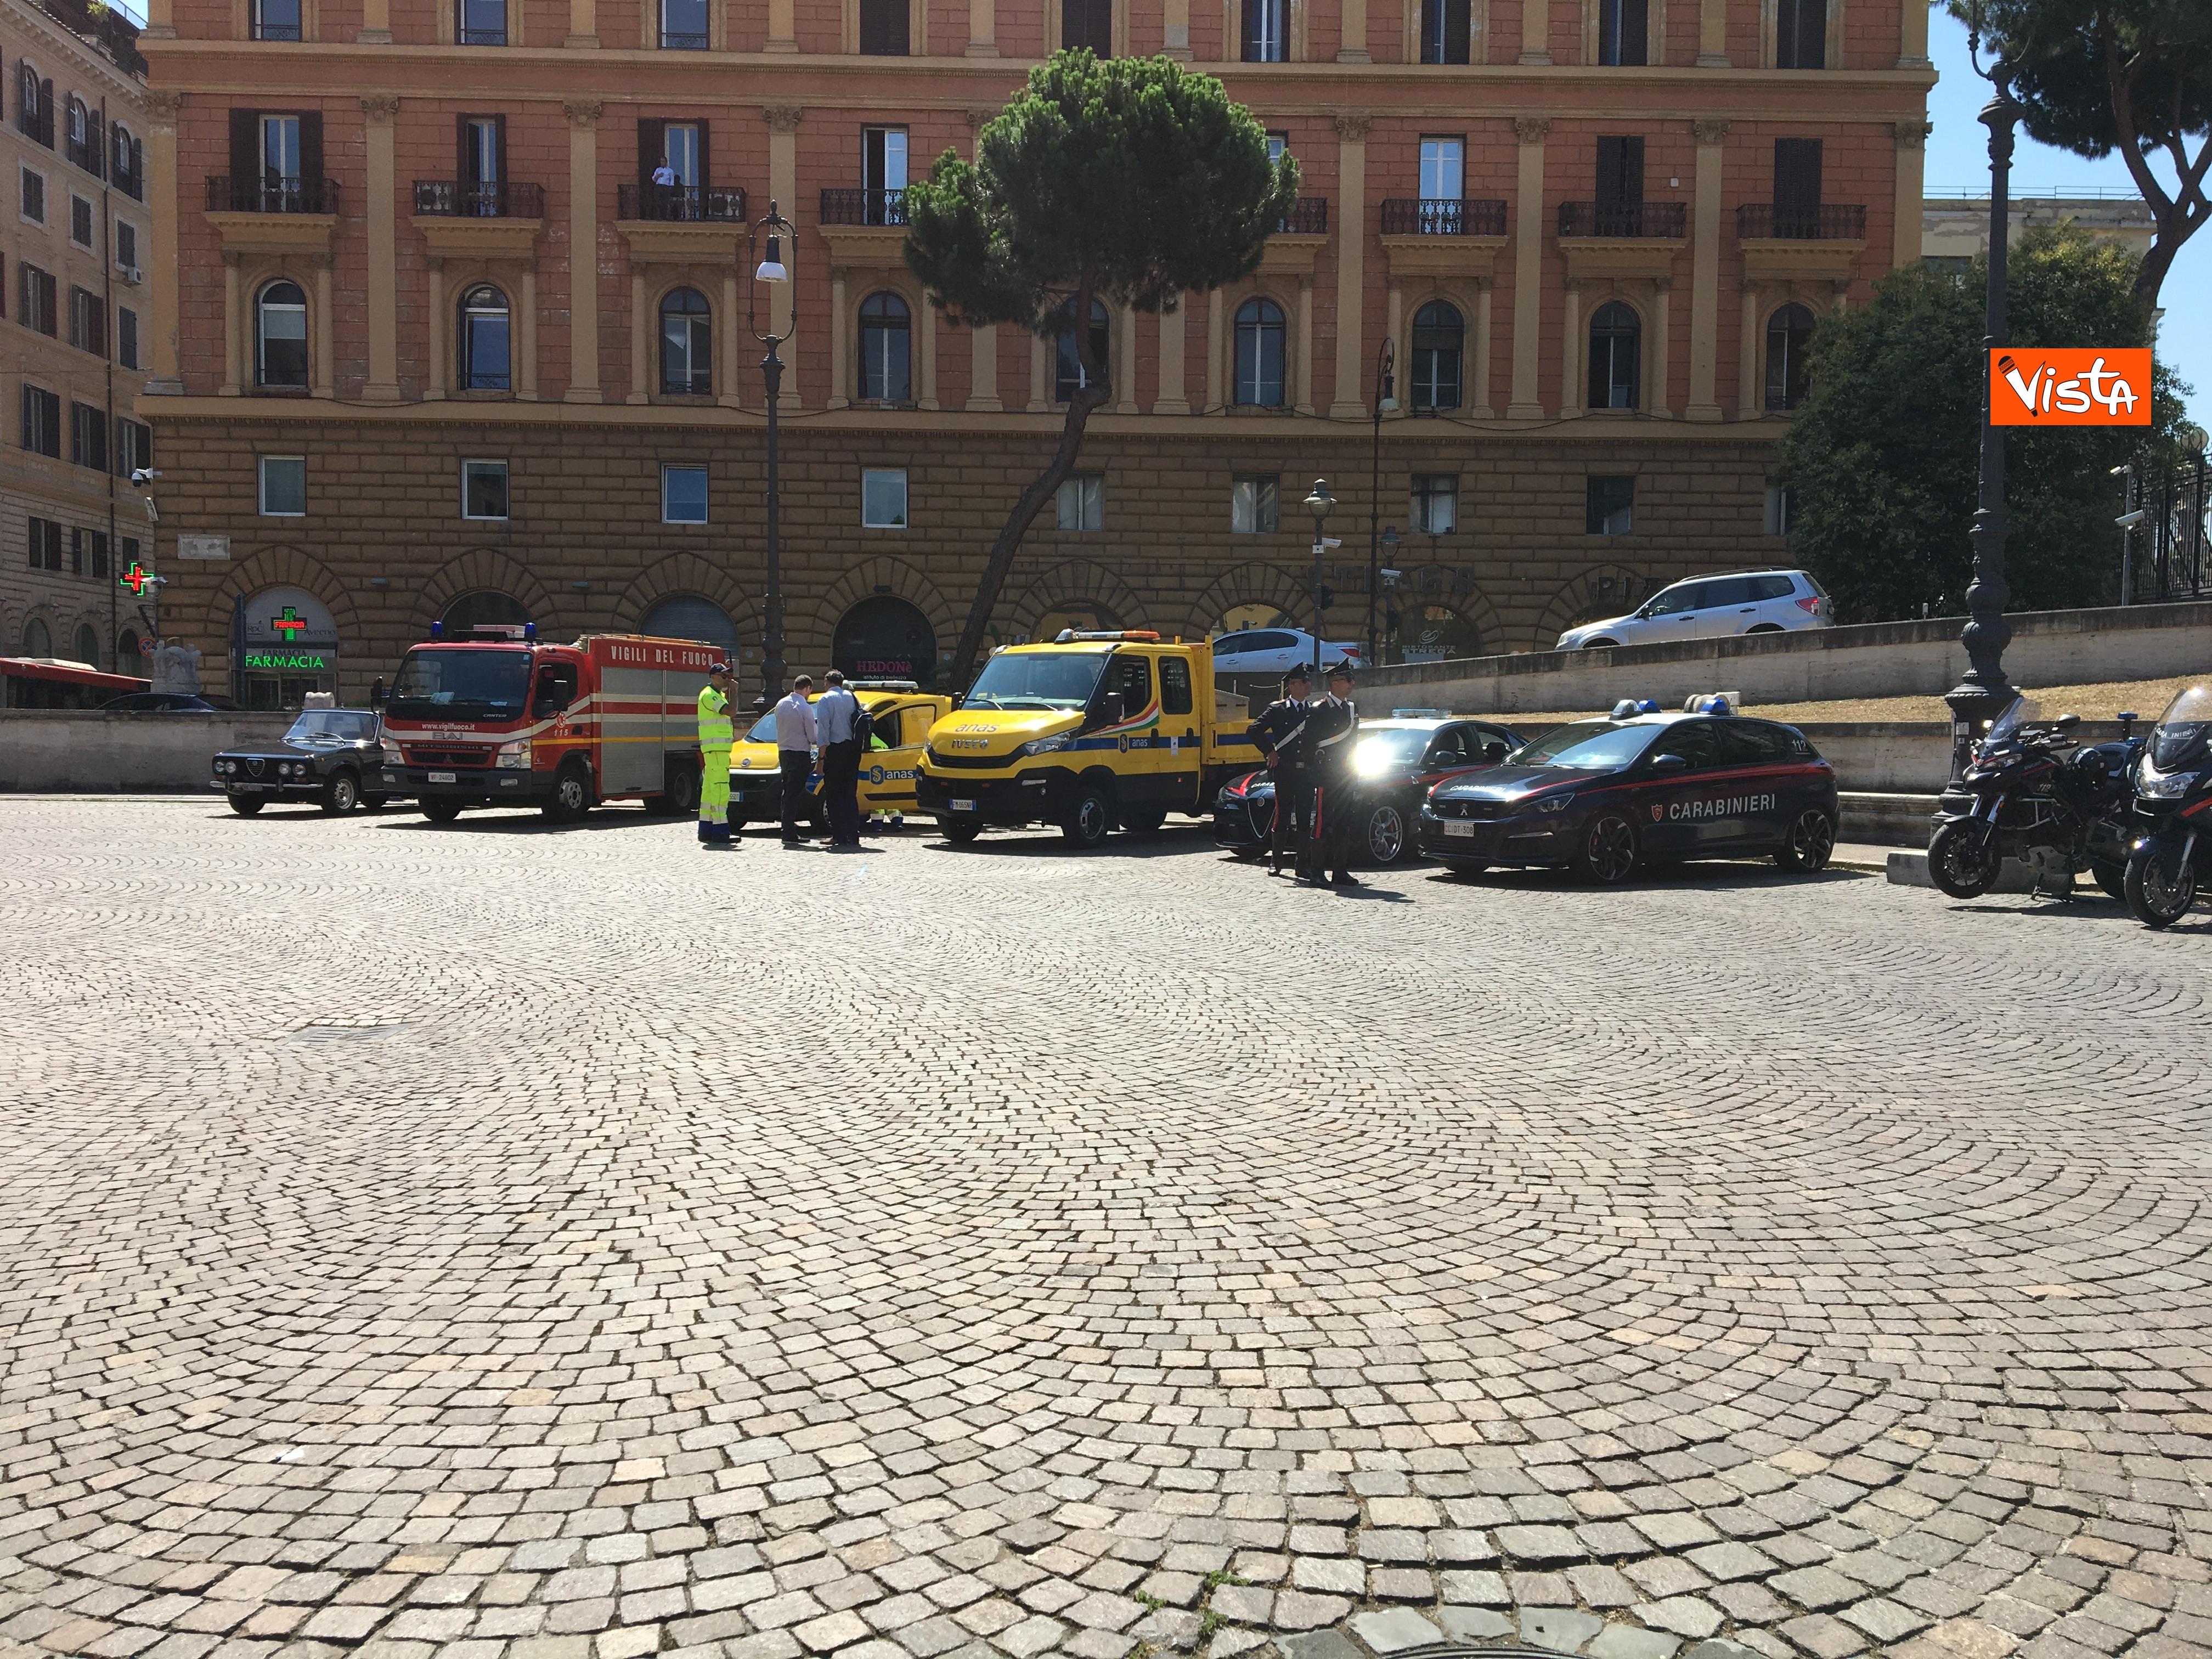 18-07-19 Viabilita Italia il piano di gestione per l esodo estivo presentato al Viminale immagini_04